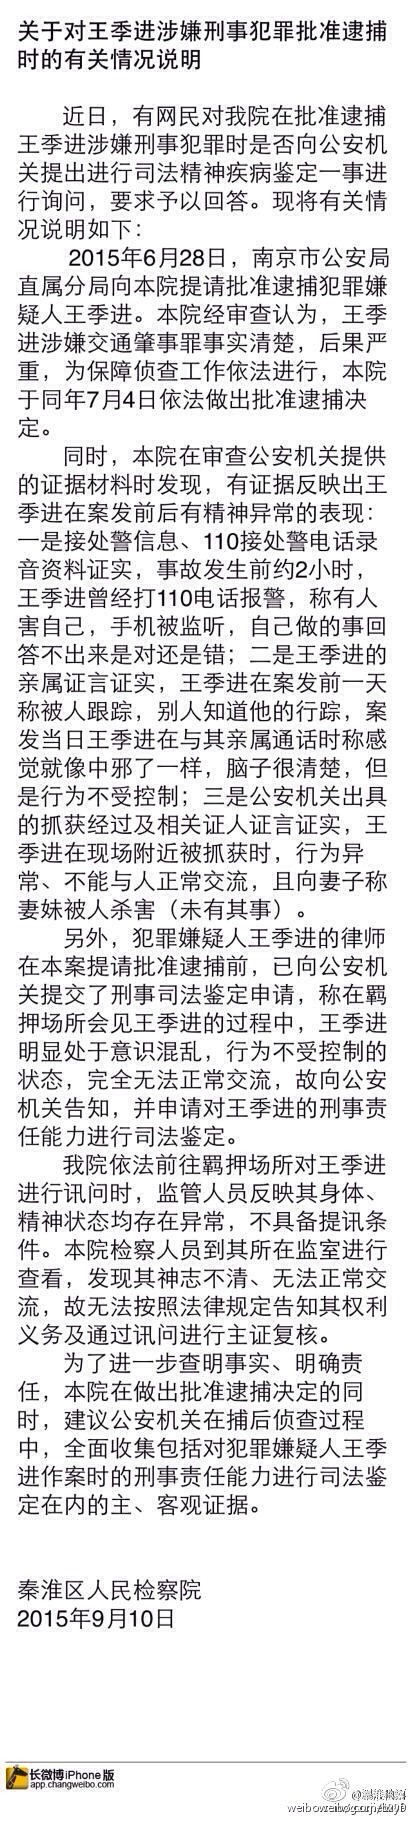 中新网9月10日电据南京市秦淮区公民查看院民间微博音讯,查看院在检查公安构造供给的依据资料事发觉,有依据反应出王季进(南京名驹事故闯祸者)在案发前有精力异常的体现:110接警出德律风灌音材料证明,事变发作前约2小时,王季进曾报警称有人害本人。